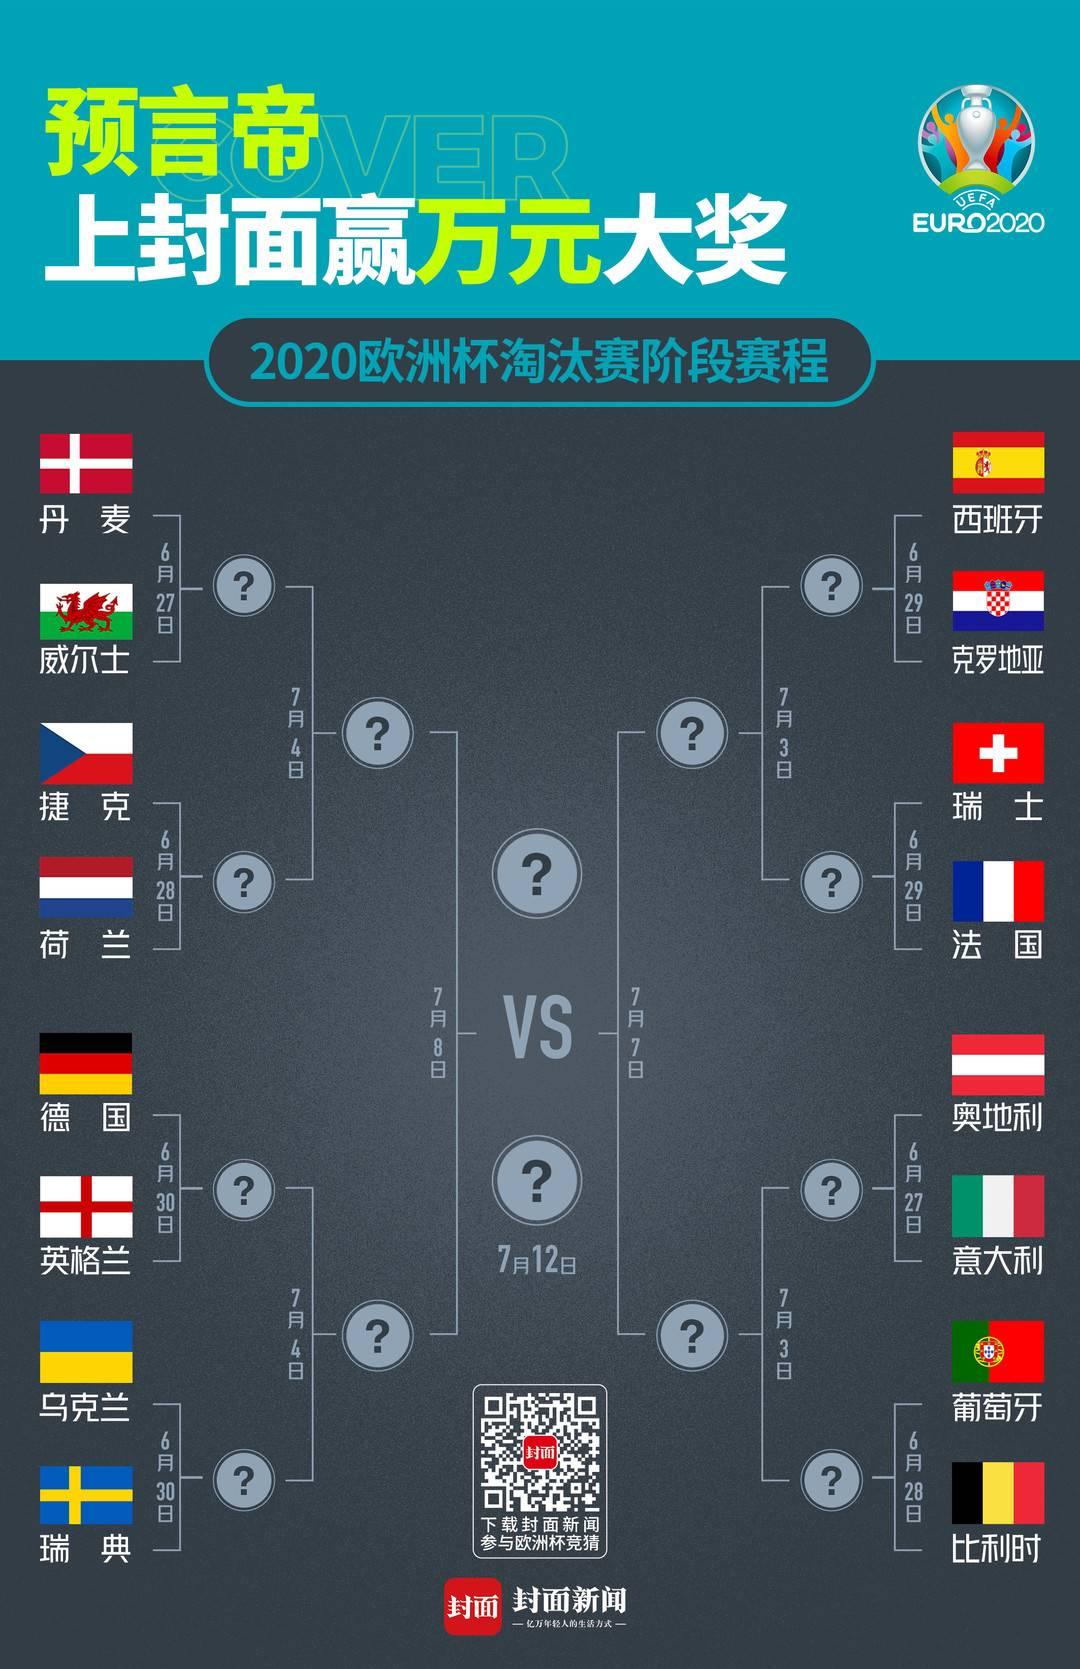 欧洲杯1/8决赛:五大豪强齐聚上半区,英德大战谁赢谁进决赛?